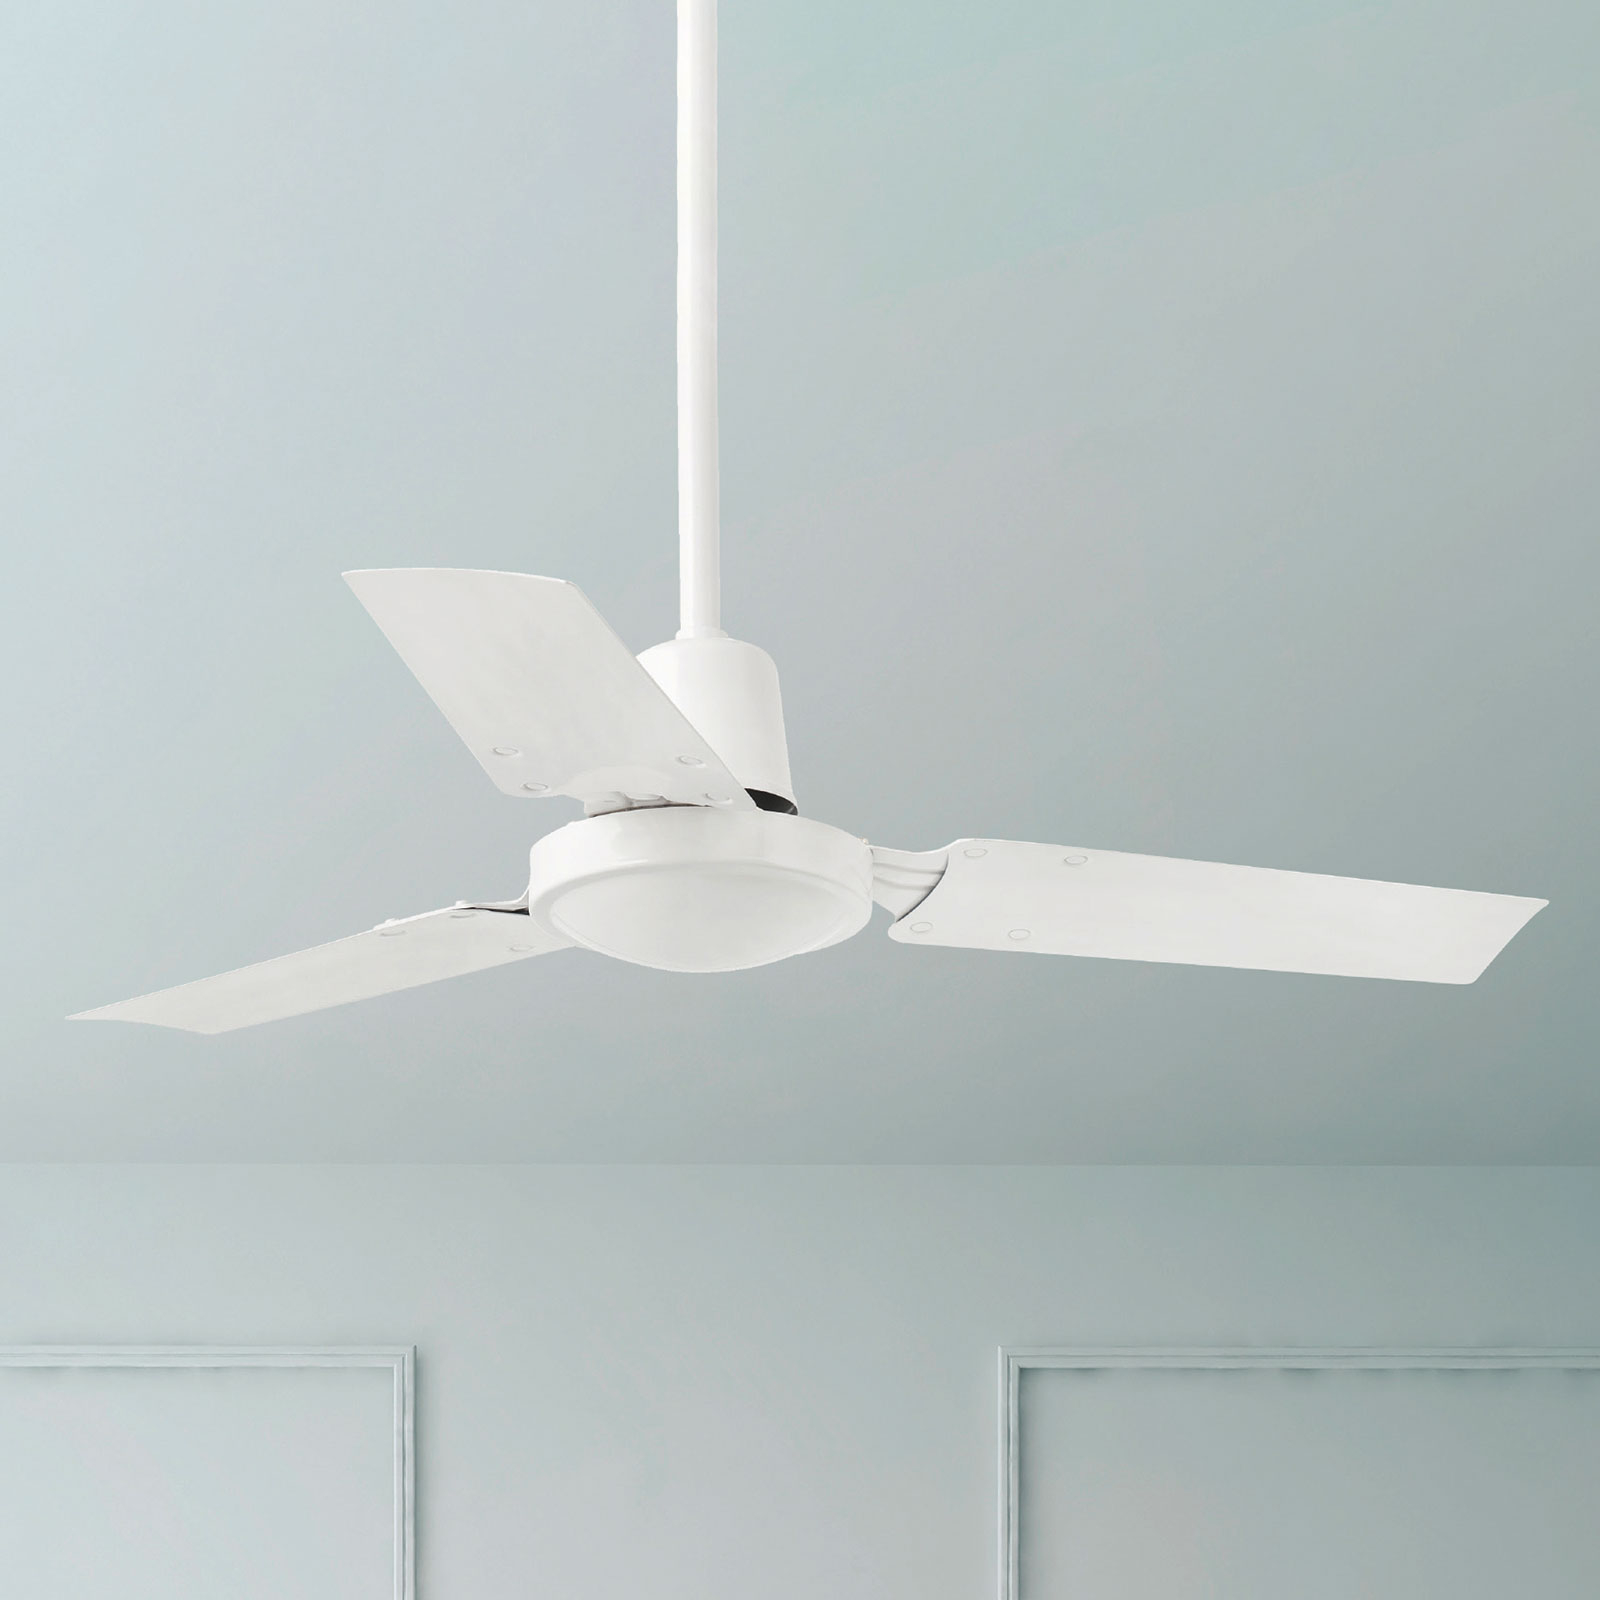 Malý, moderní stropní ventilátor MINI INDUS